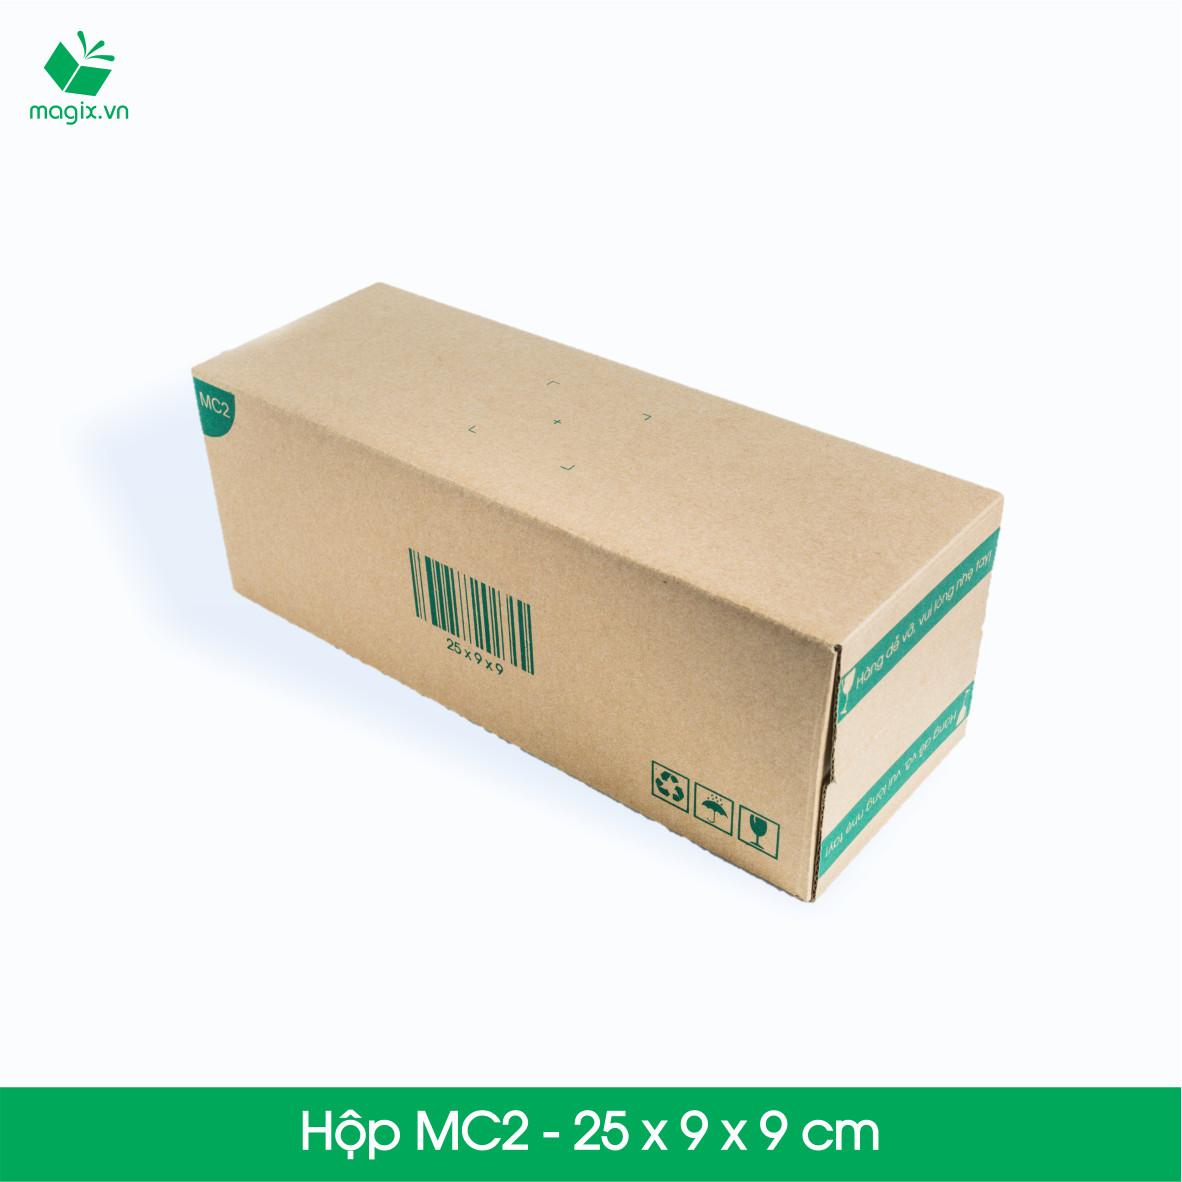 MC2 - 25x9x9 cm - 20 Thùng hộp carton